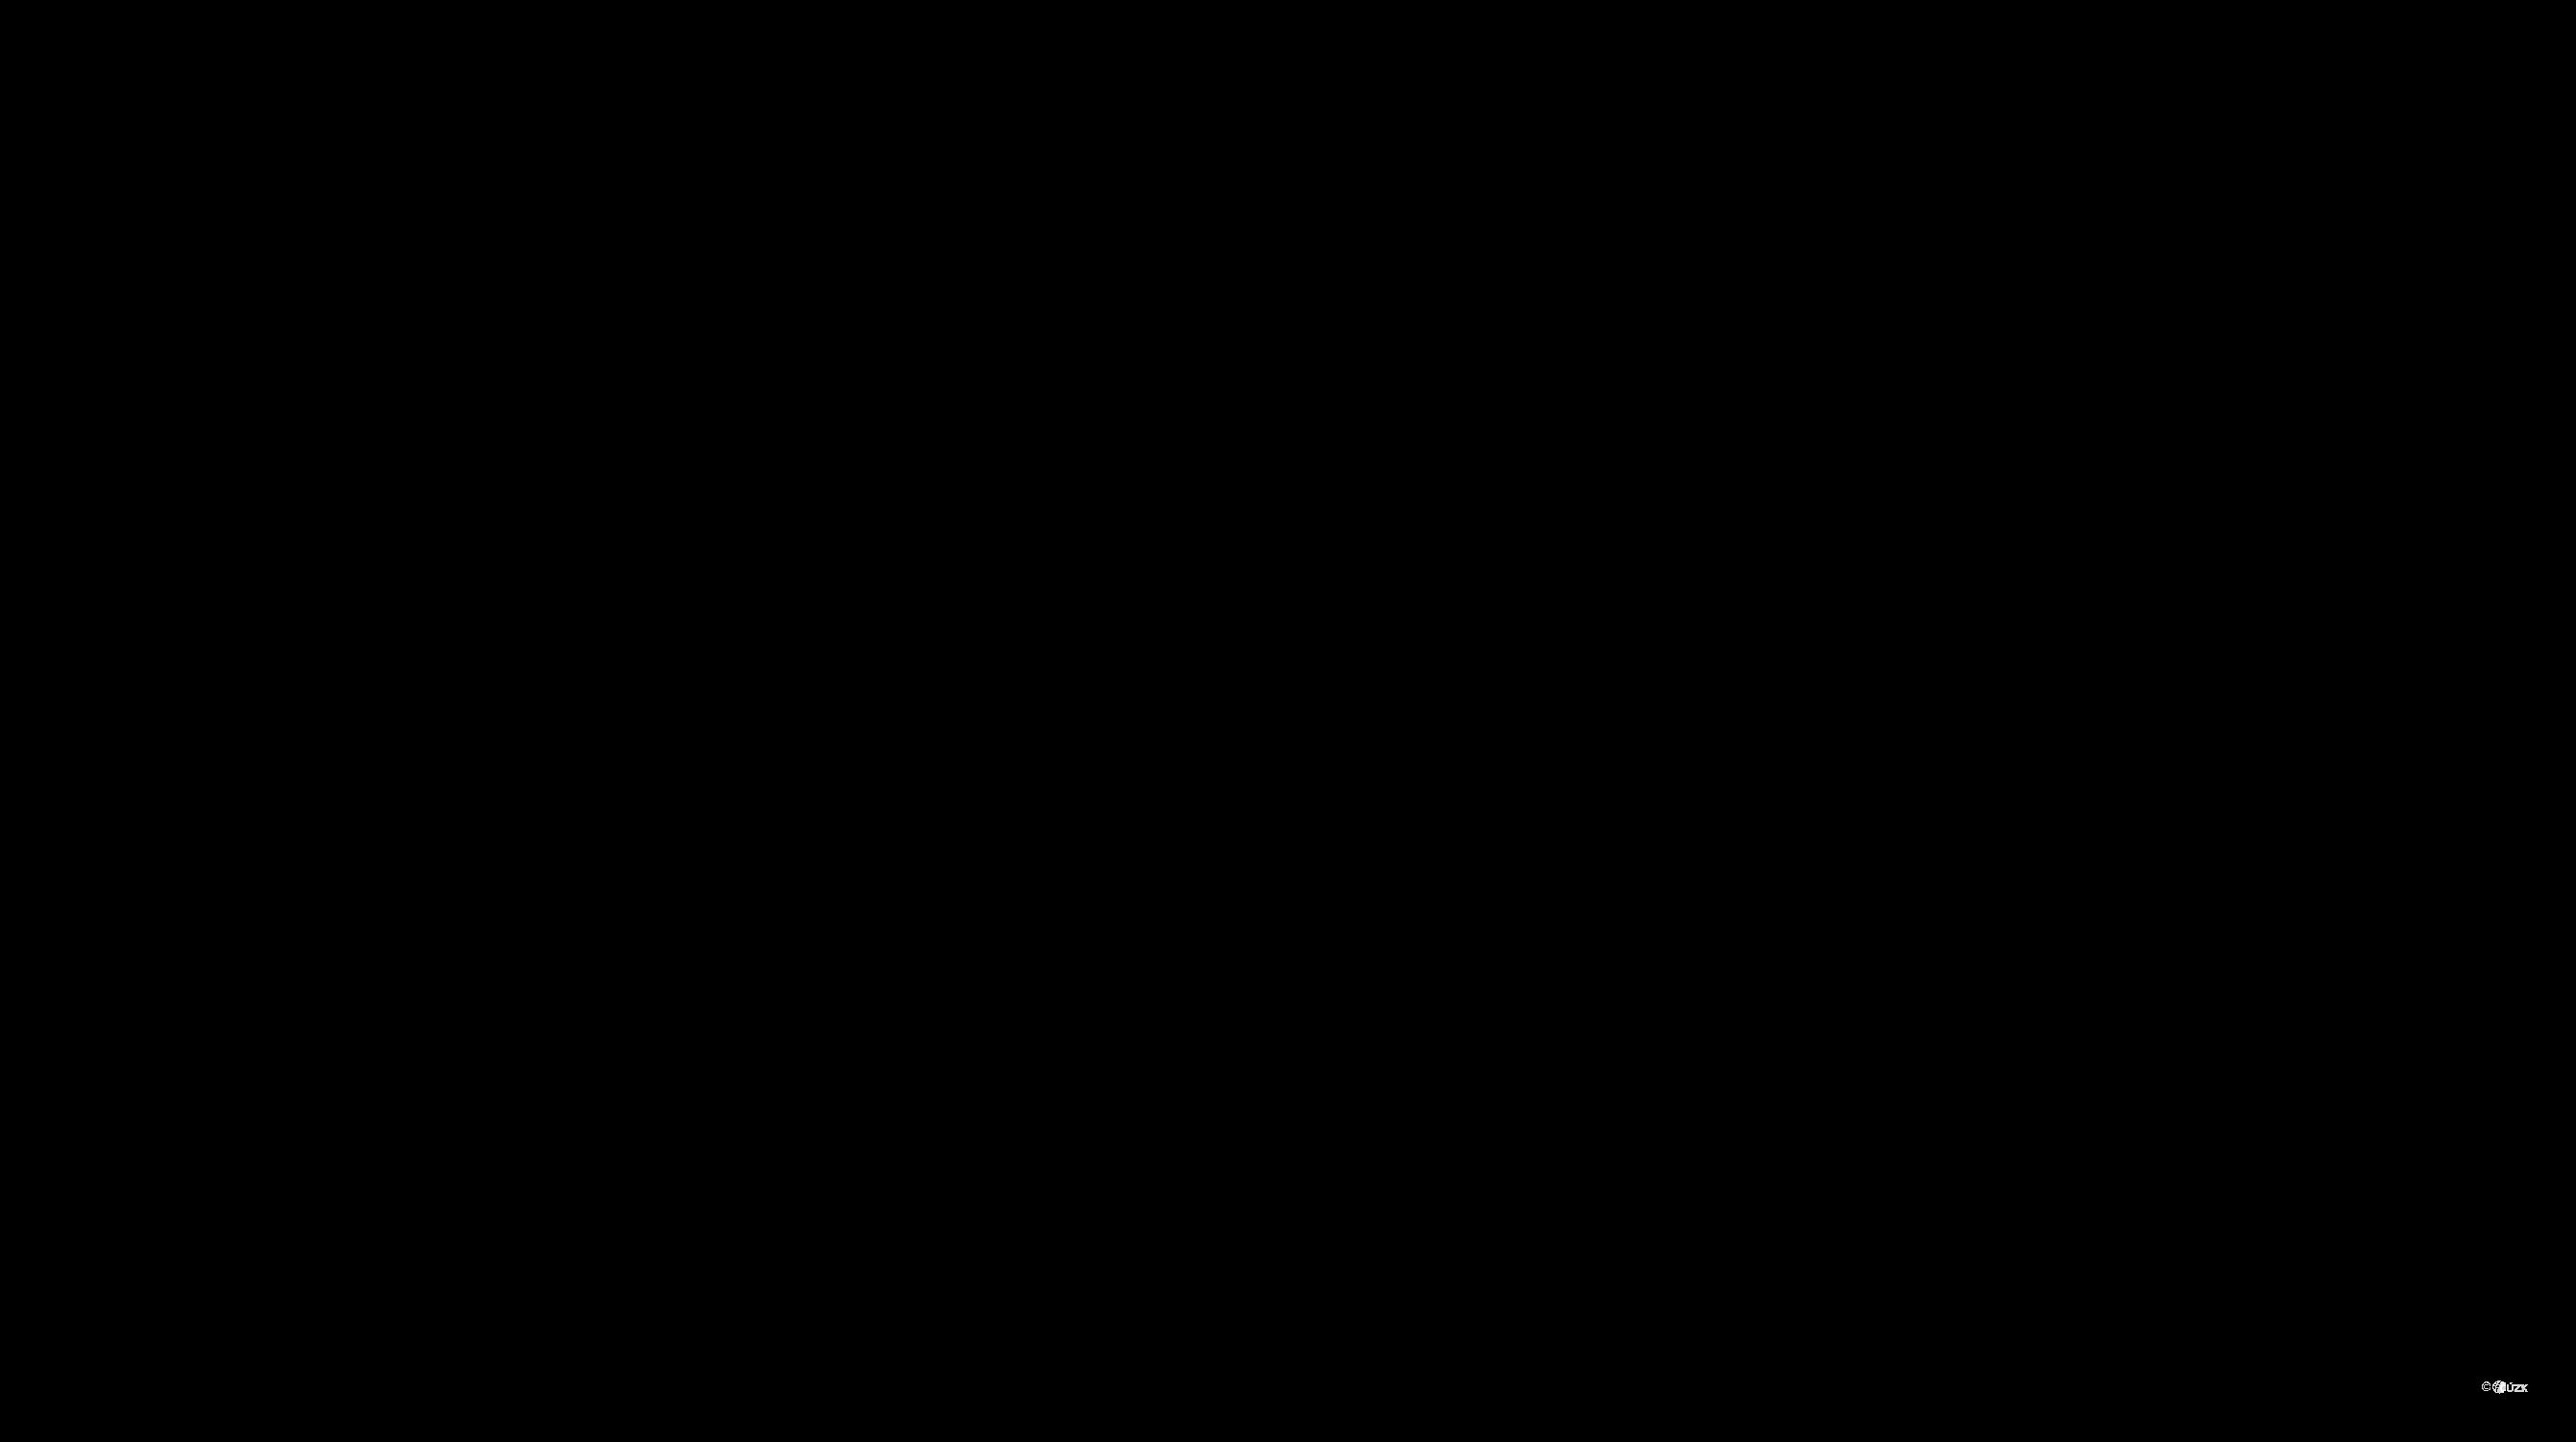 Katastrální mapa pozemků a čísla parcel Klečůvka